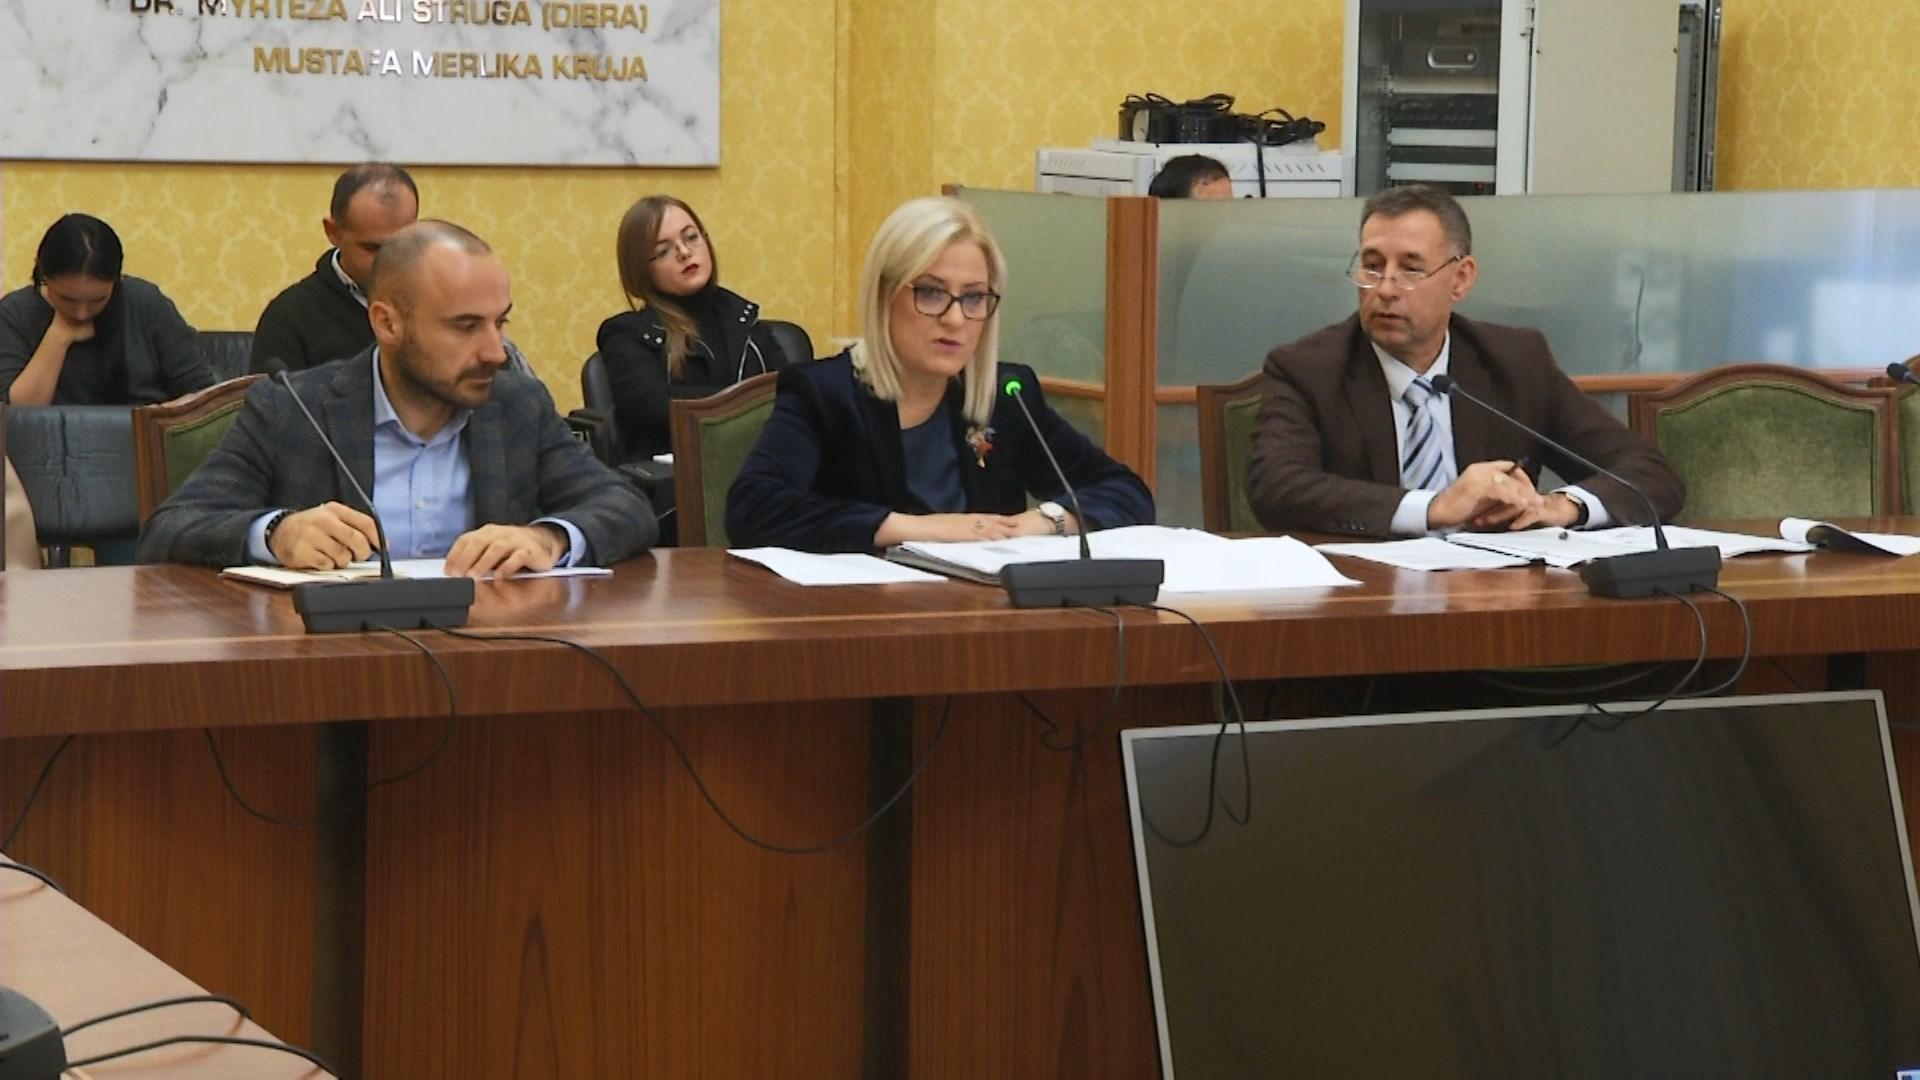 Manastirliu dhe Nikolla diskutojnë investimet në shëndetësi dhe arsim